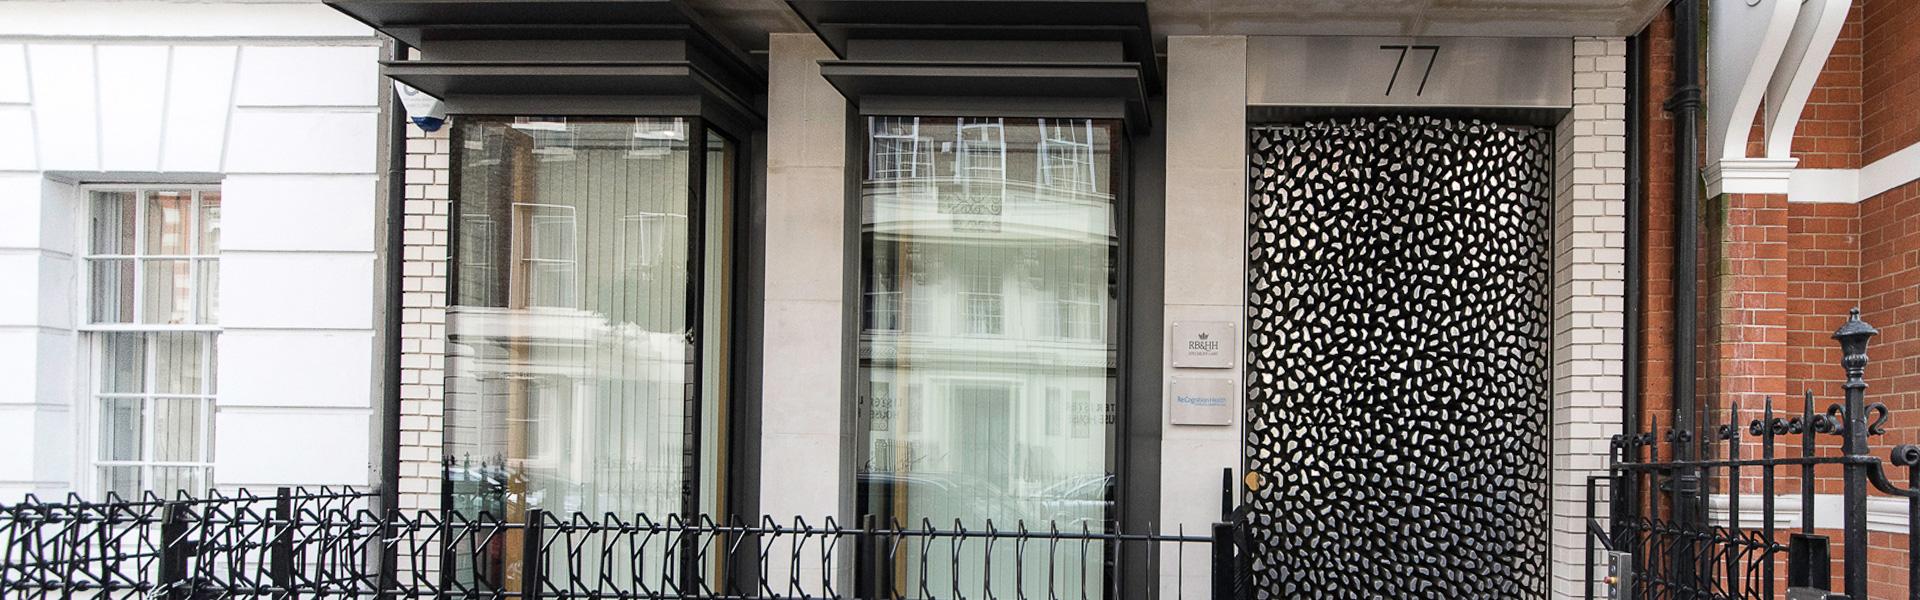 77-Wimpole-Street